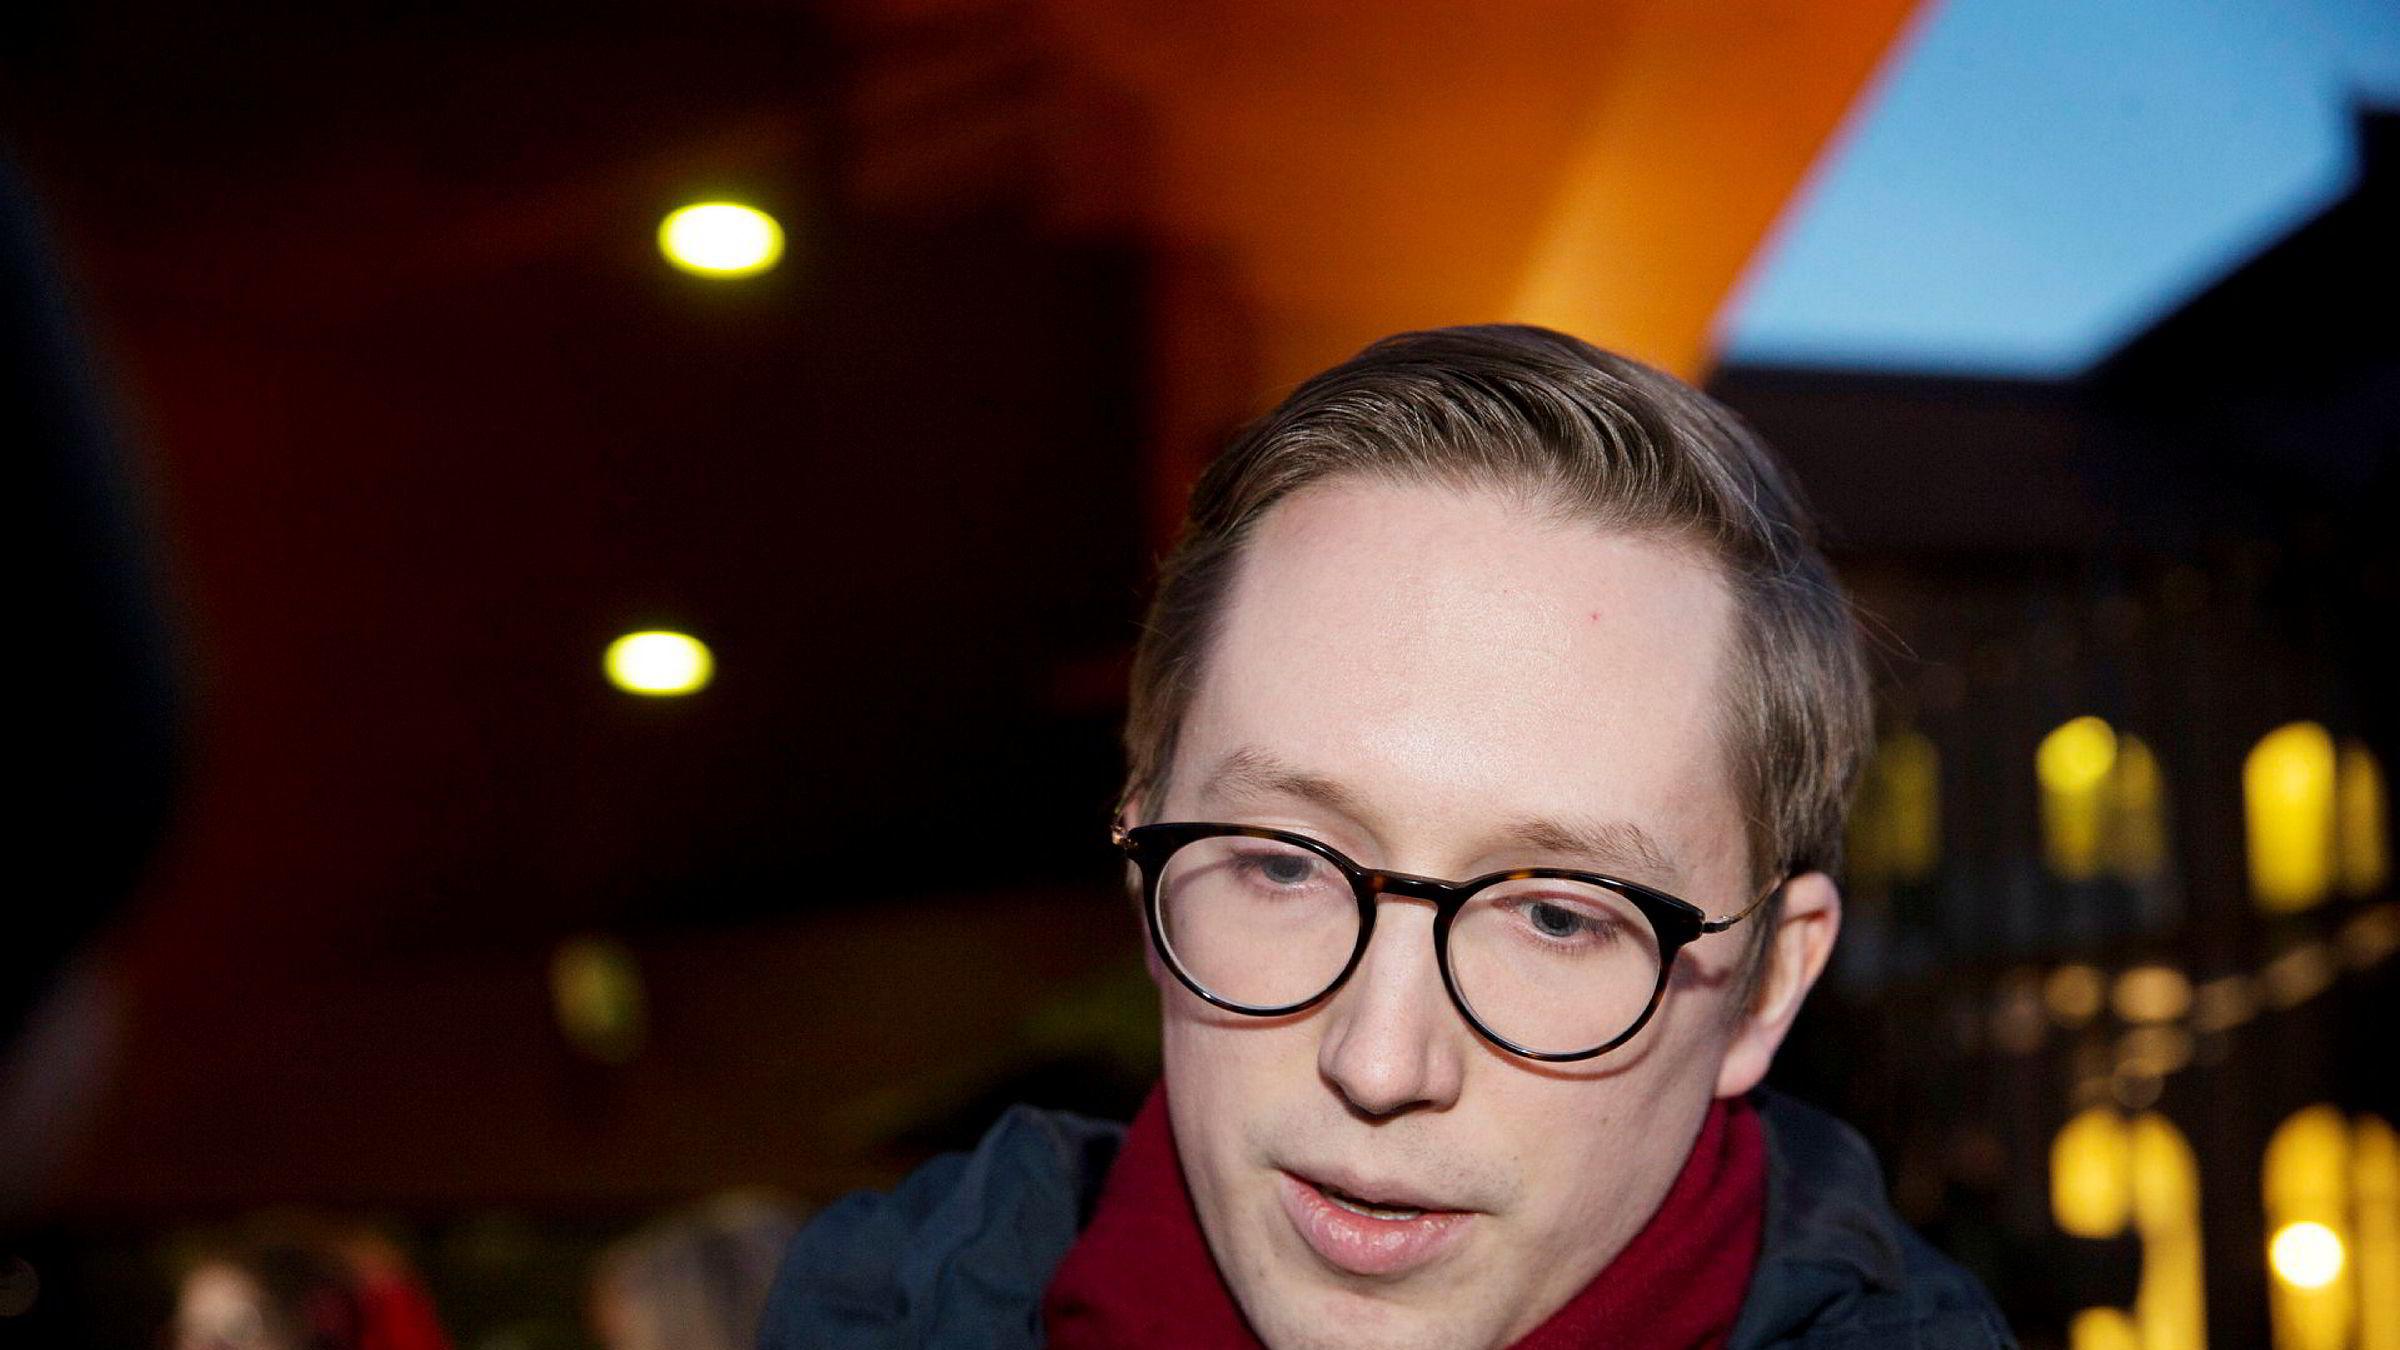 Tidligere Unge Høyre-leder Kristian Tonning Riise snakker ut etter Metoo-skandalen.